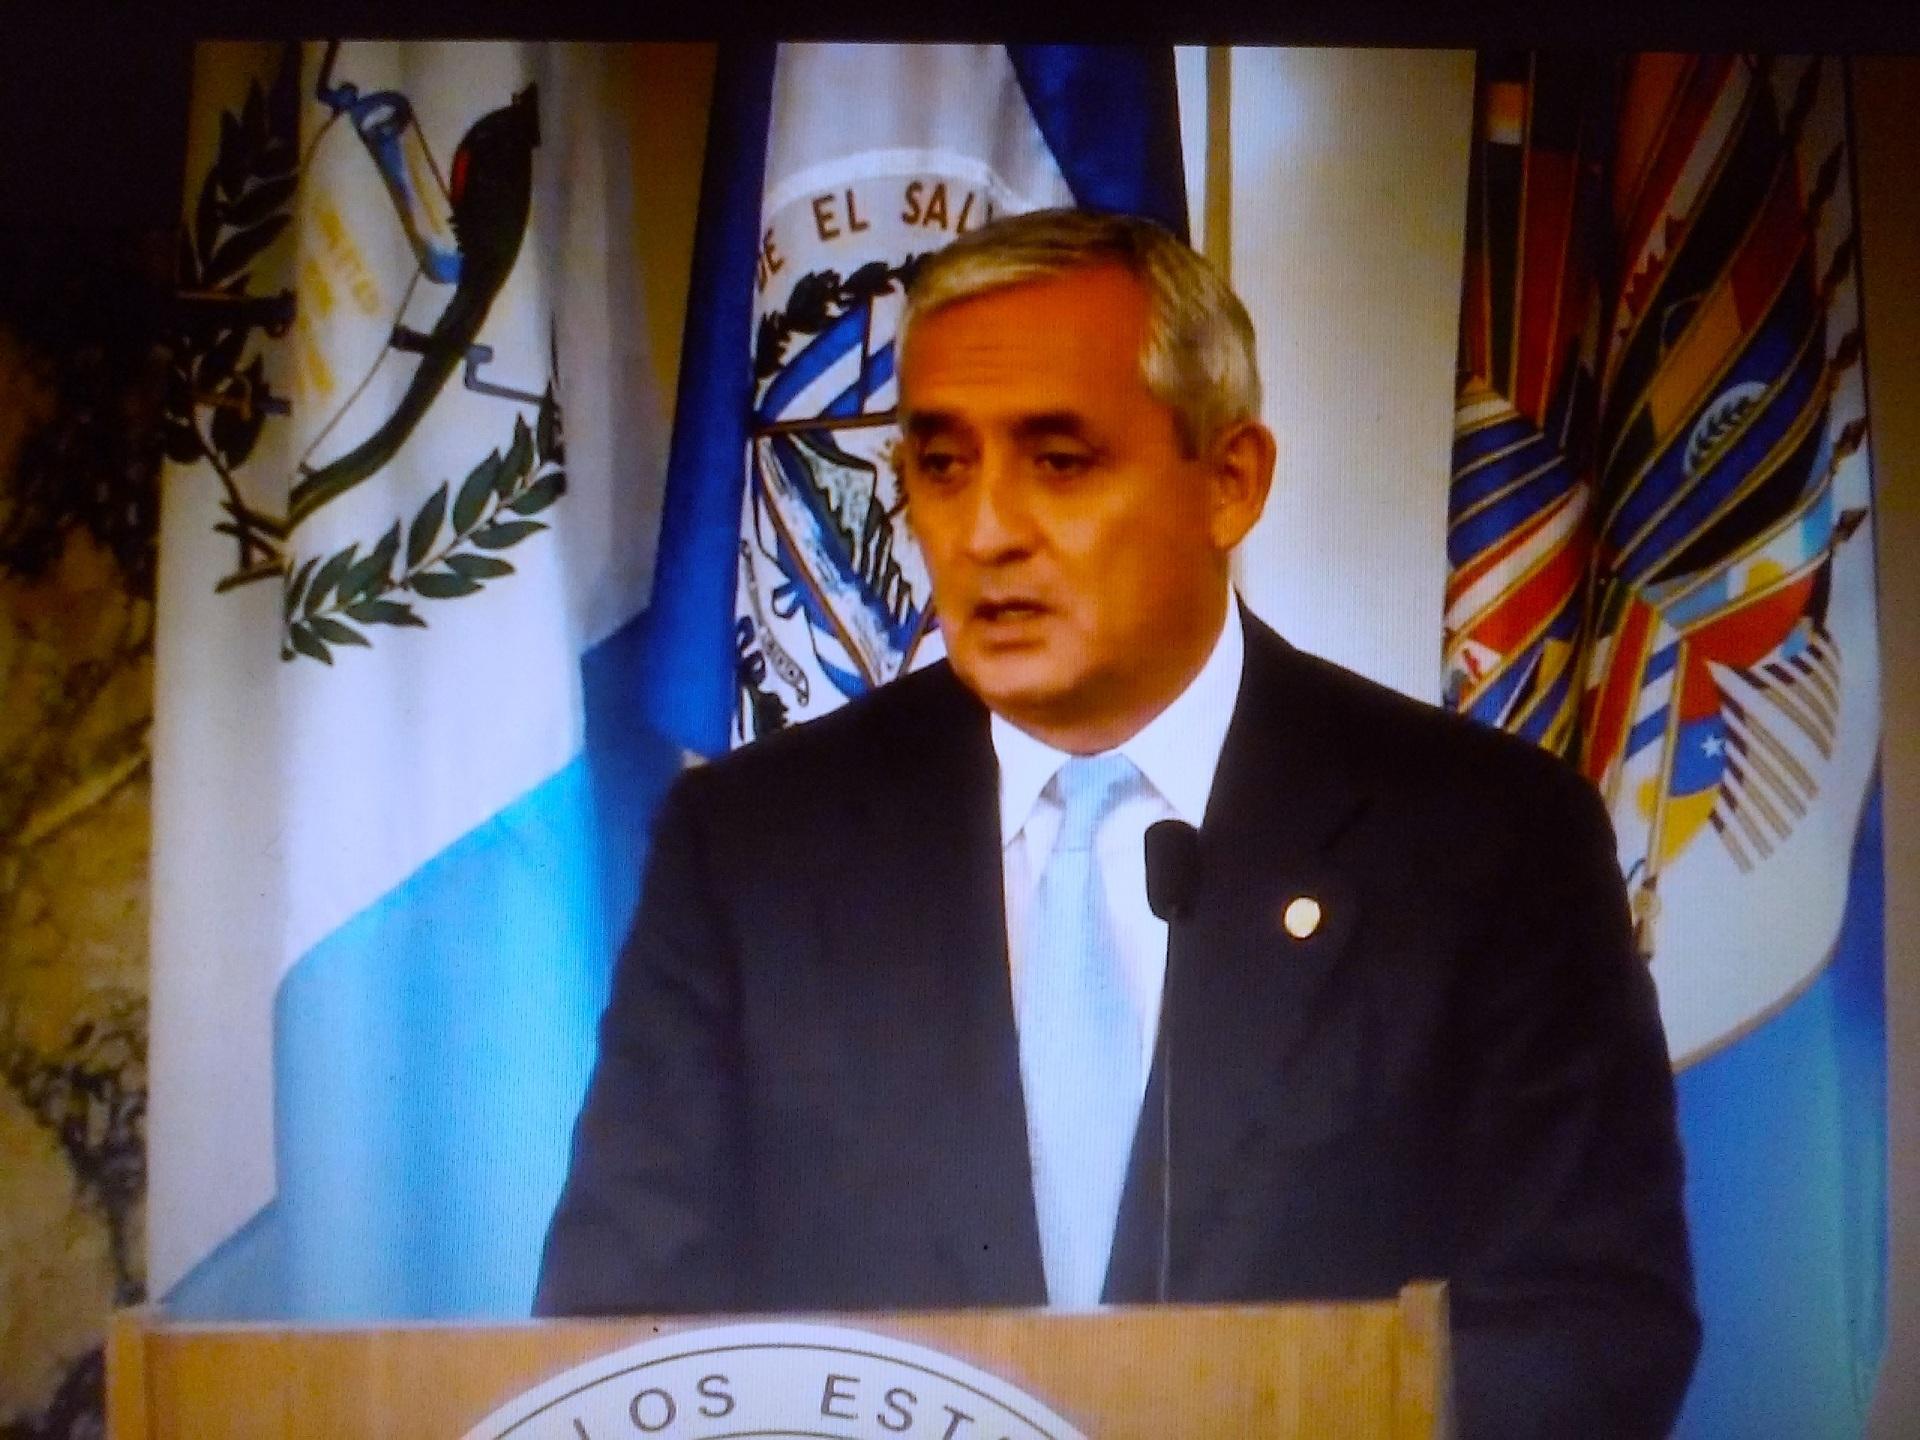 El Presidente de Guatemala, Otto Pérez, aseguró que la llegada de menores indocumentados a los Estados Unidos bajó en 50 por ciento durante las dos últimas semanas. Fotografía: Streaming sesión de Asamblea de la OEA.